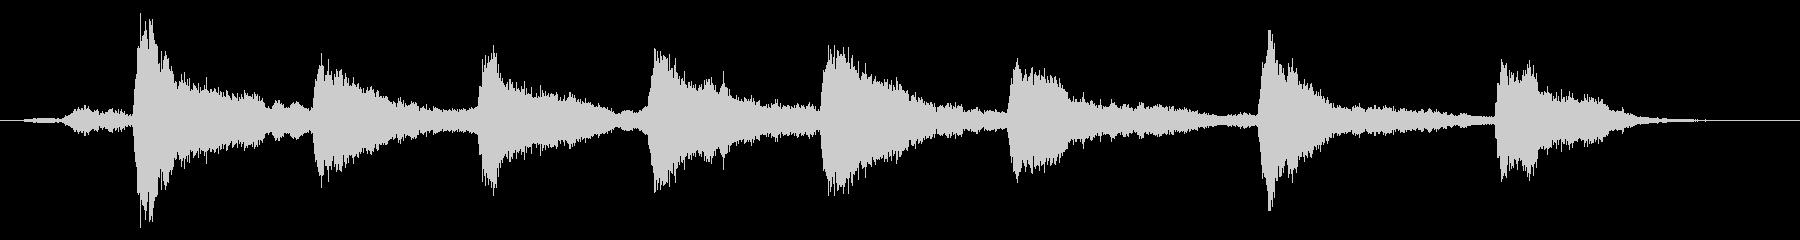 ソープアーノルド教会:1ベル:高速リングの未再生の波形